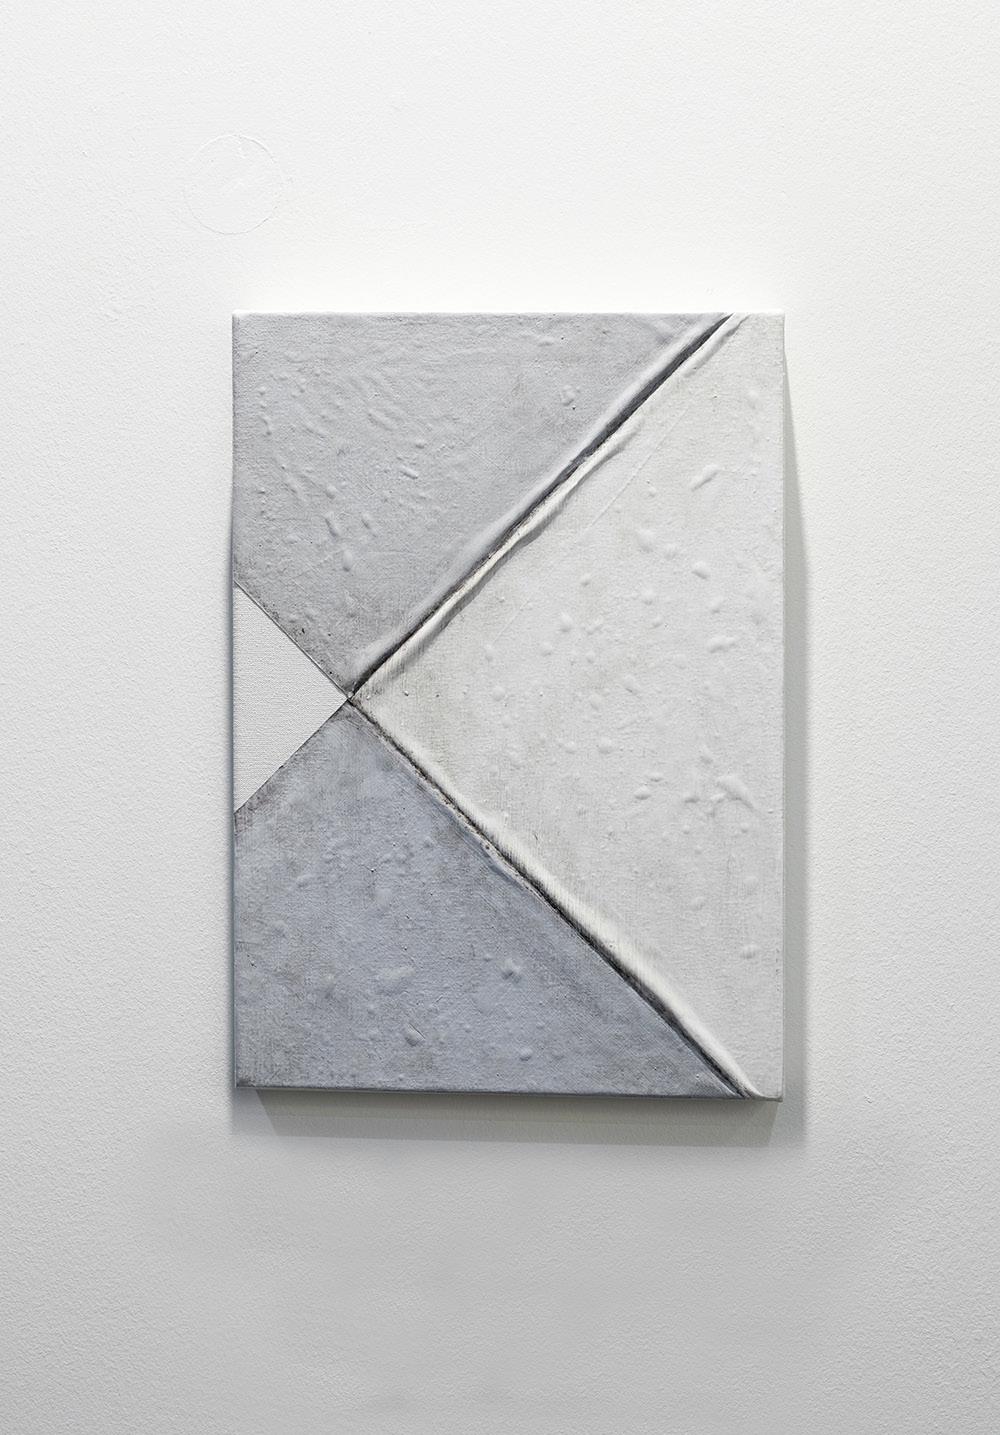 Pablo Rasgado. <em>Arquitectura desdoblada (esquina)</em>, 2017.  Acrylic and dirt on canvas, 20 x 14 inches (50.8 x 35.6 cm)